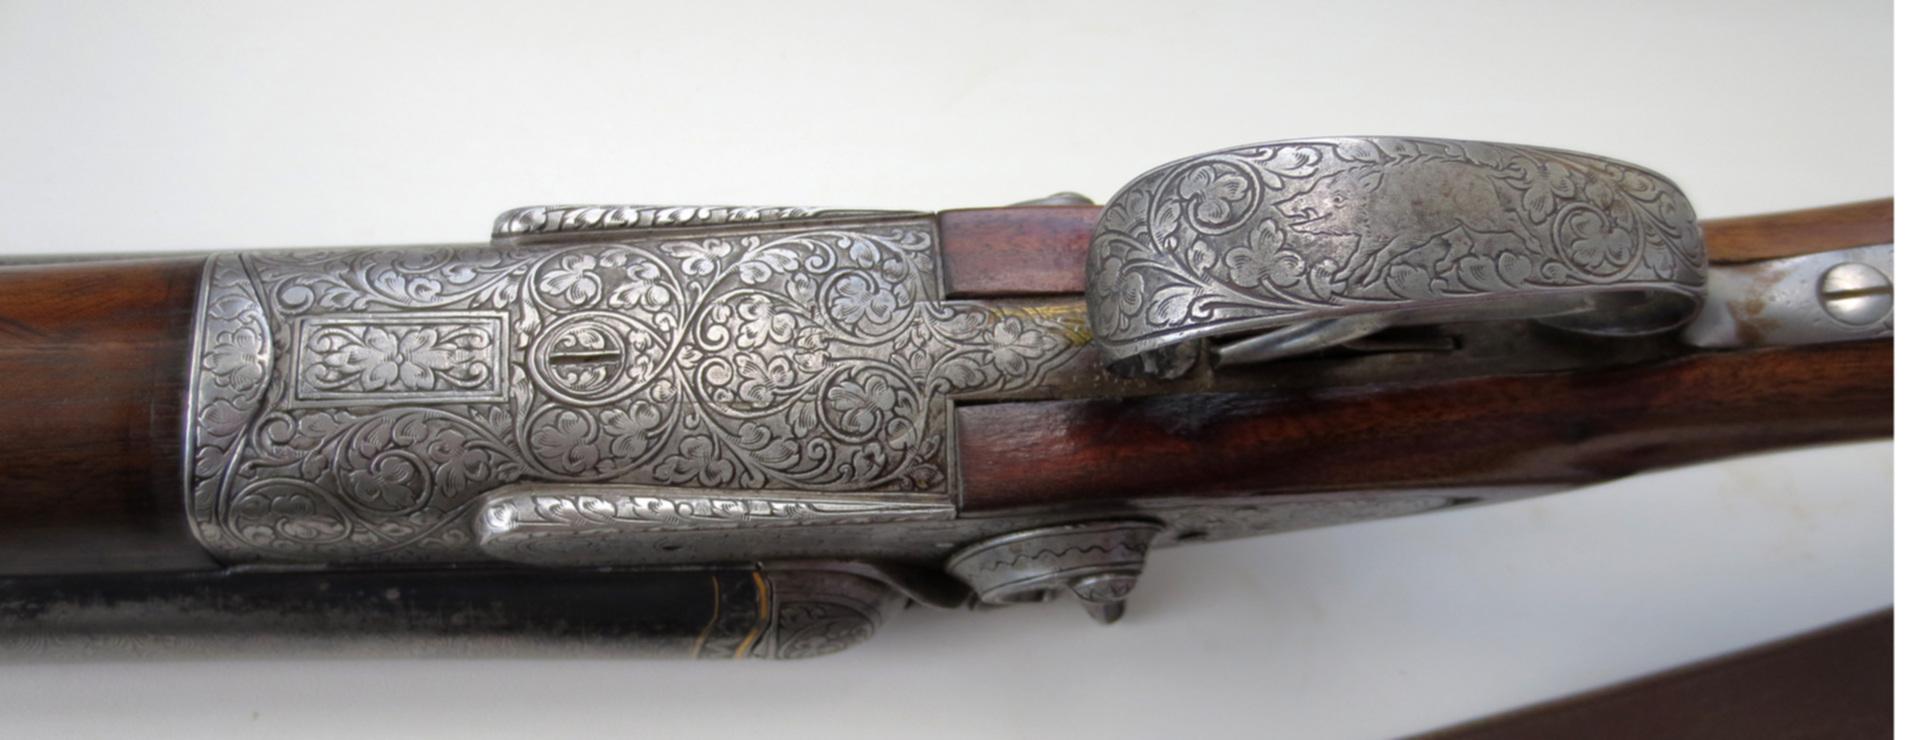 Бельгийская двустволка Lepage a Liege, 1906 г  :Аукцион